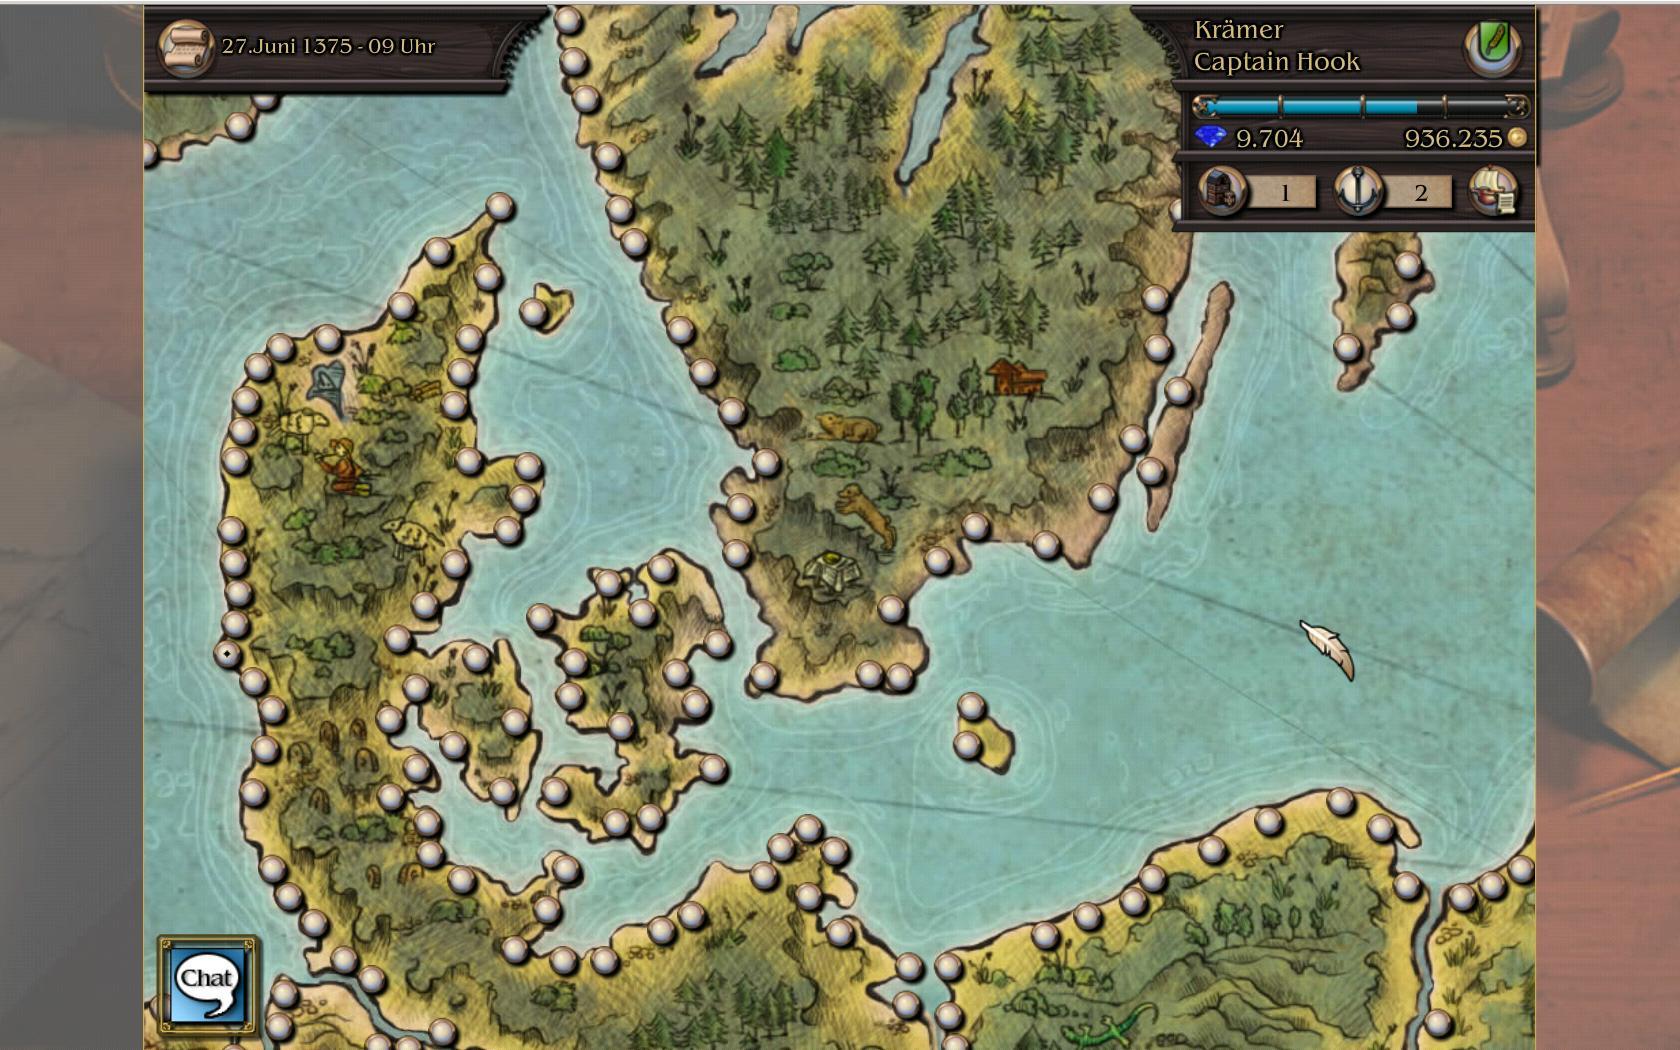 Klicke auf die Grafik für eine größere AnsichtName:Karte_Europa.jpgHits:112Größe:258,8 KBID:2621